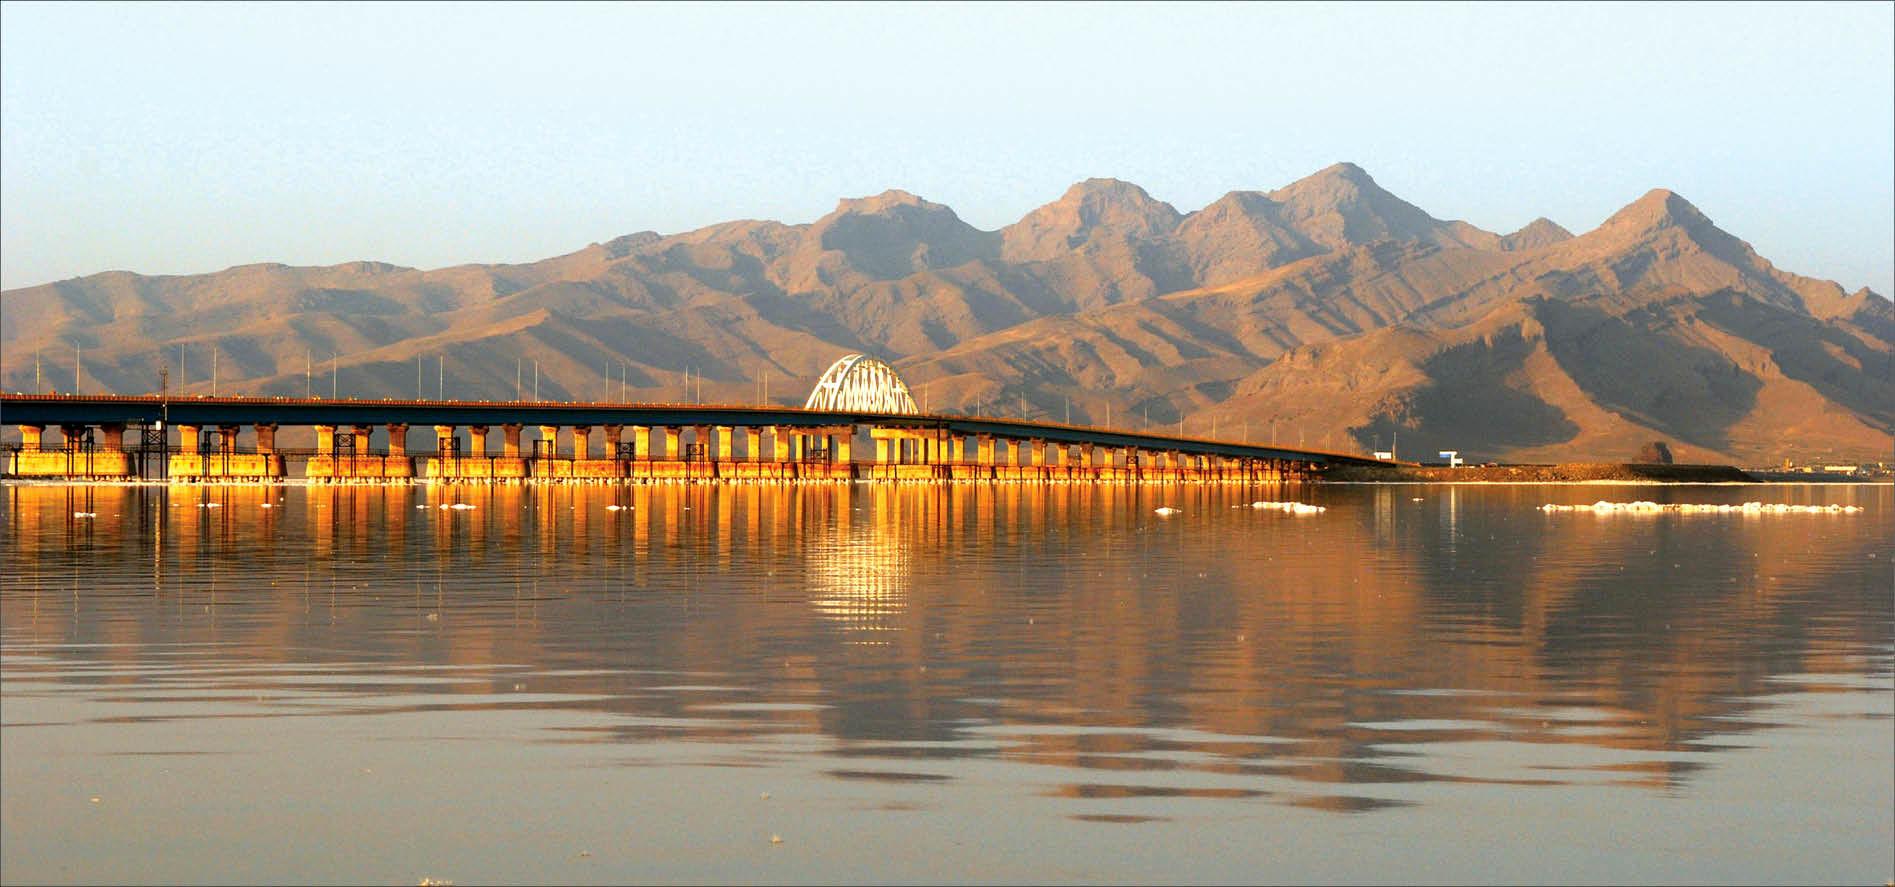 دریاچه ارومیه در آستانه افزایش وسعت تا ۳ هزار کیلومترمربع